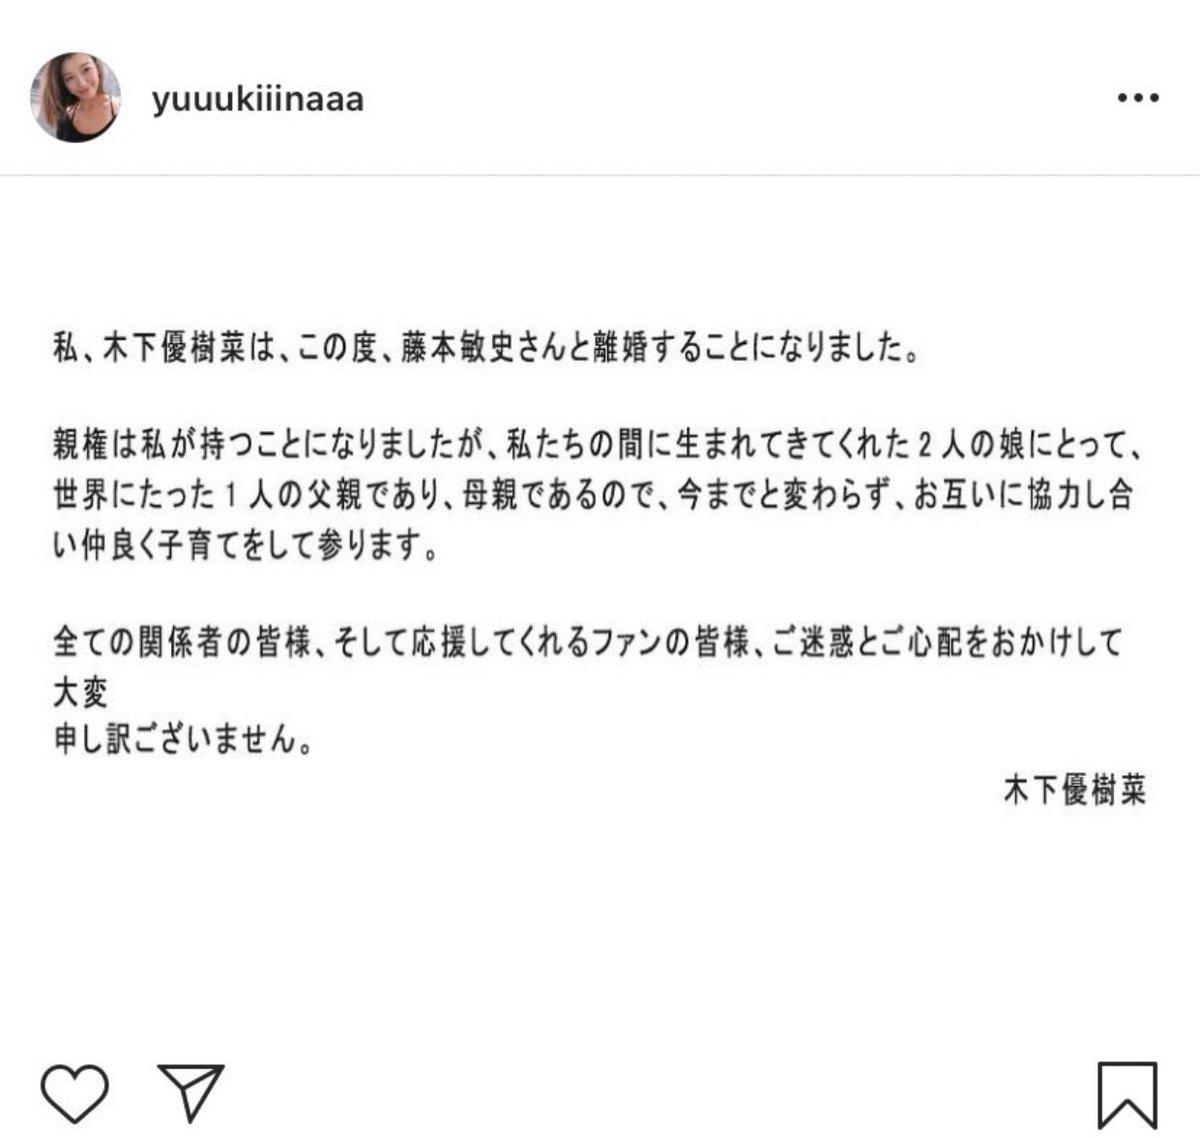 タピオカ 騒動 内容 ユッキーナ